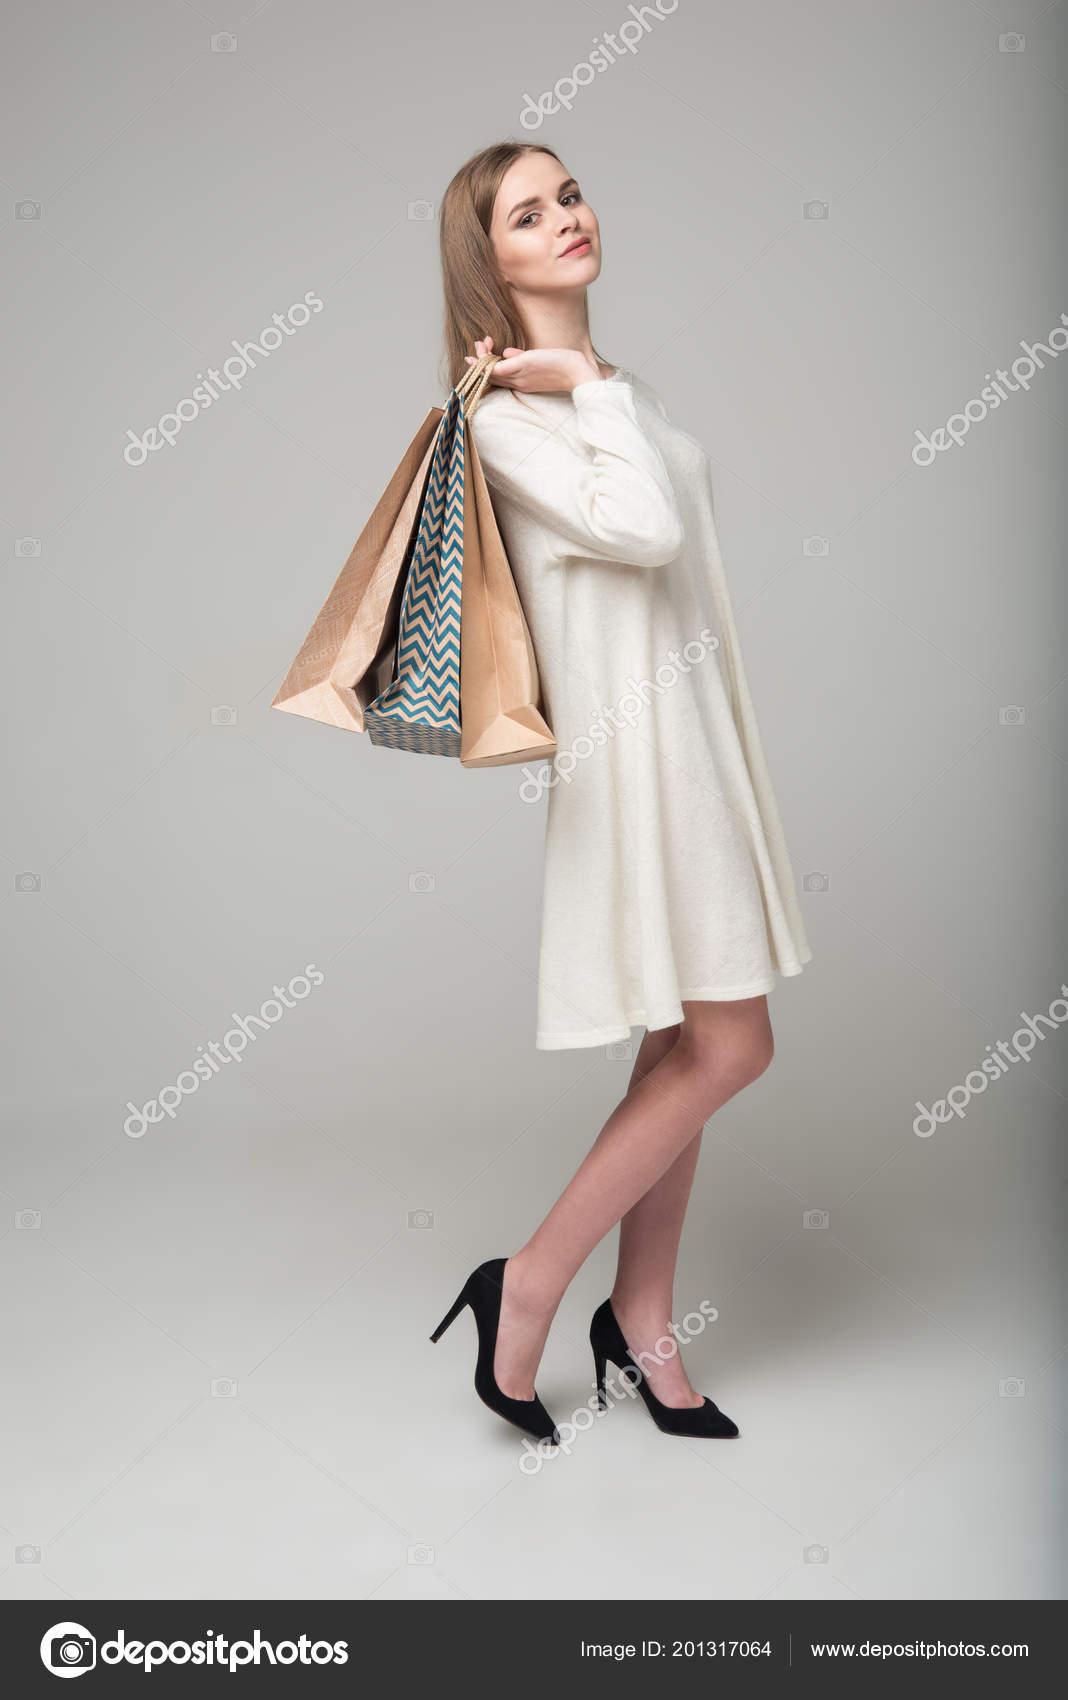 1766164a1250 Mladý Model Dlouhé Vlasy Blond Dívka Bílém Krátké Šaty Stojí — Stock  fotografie